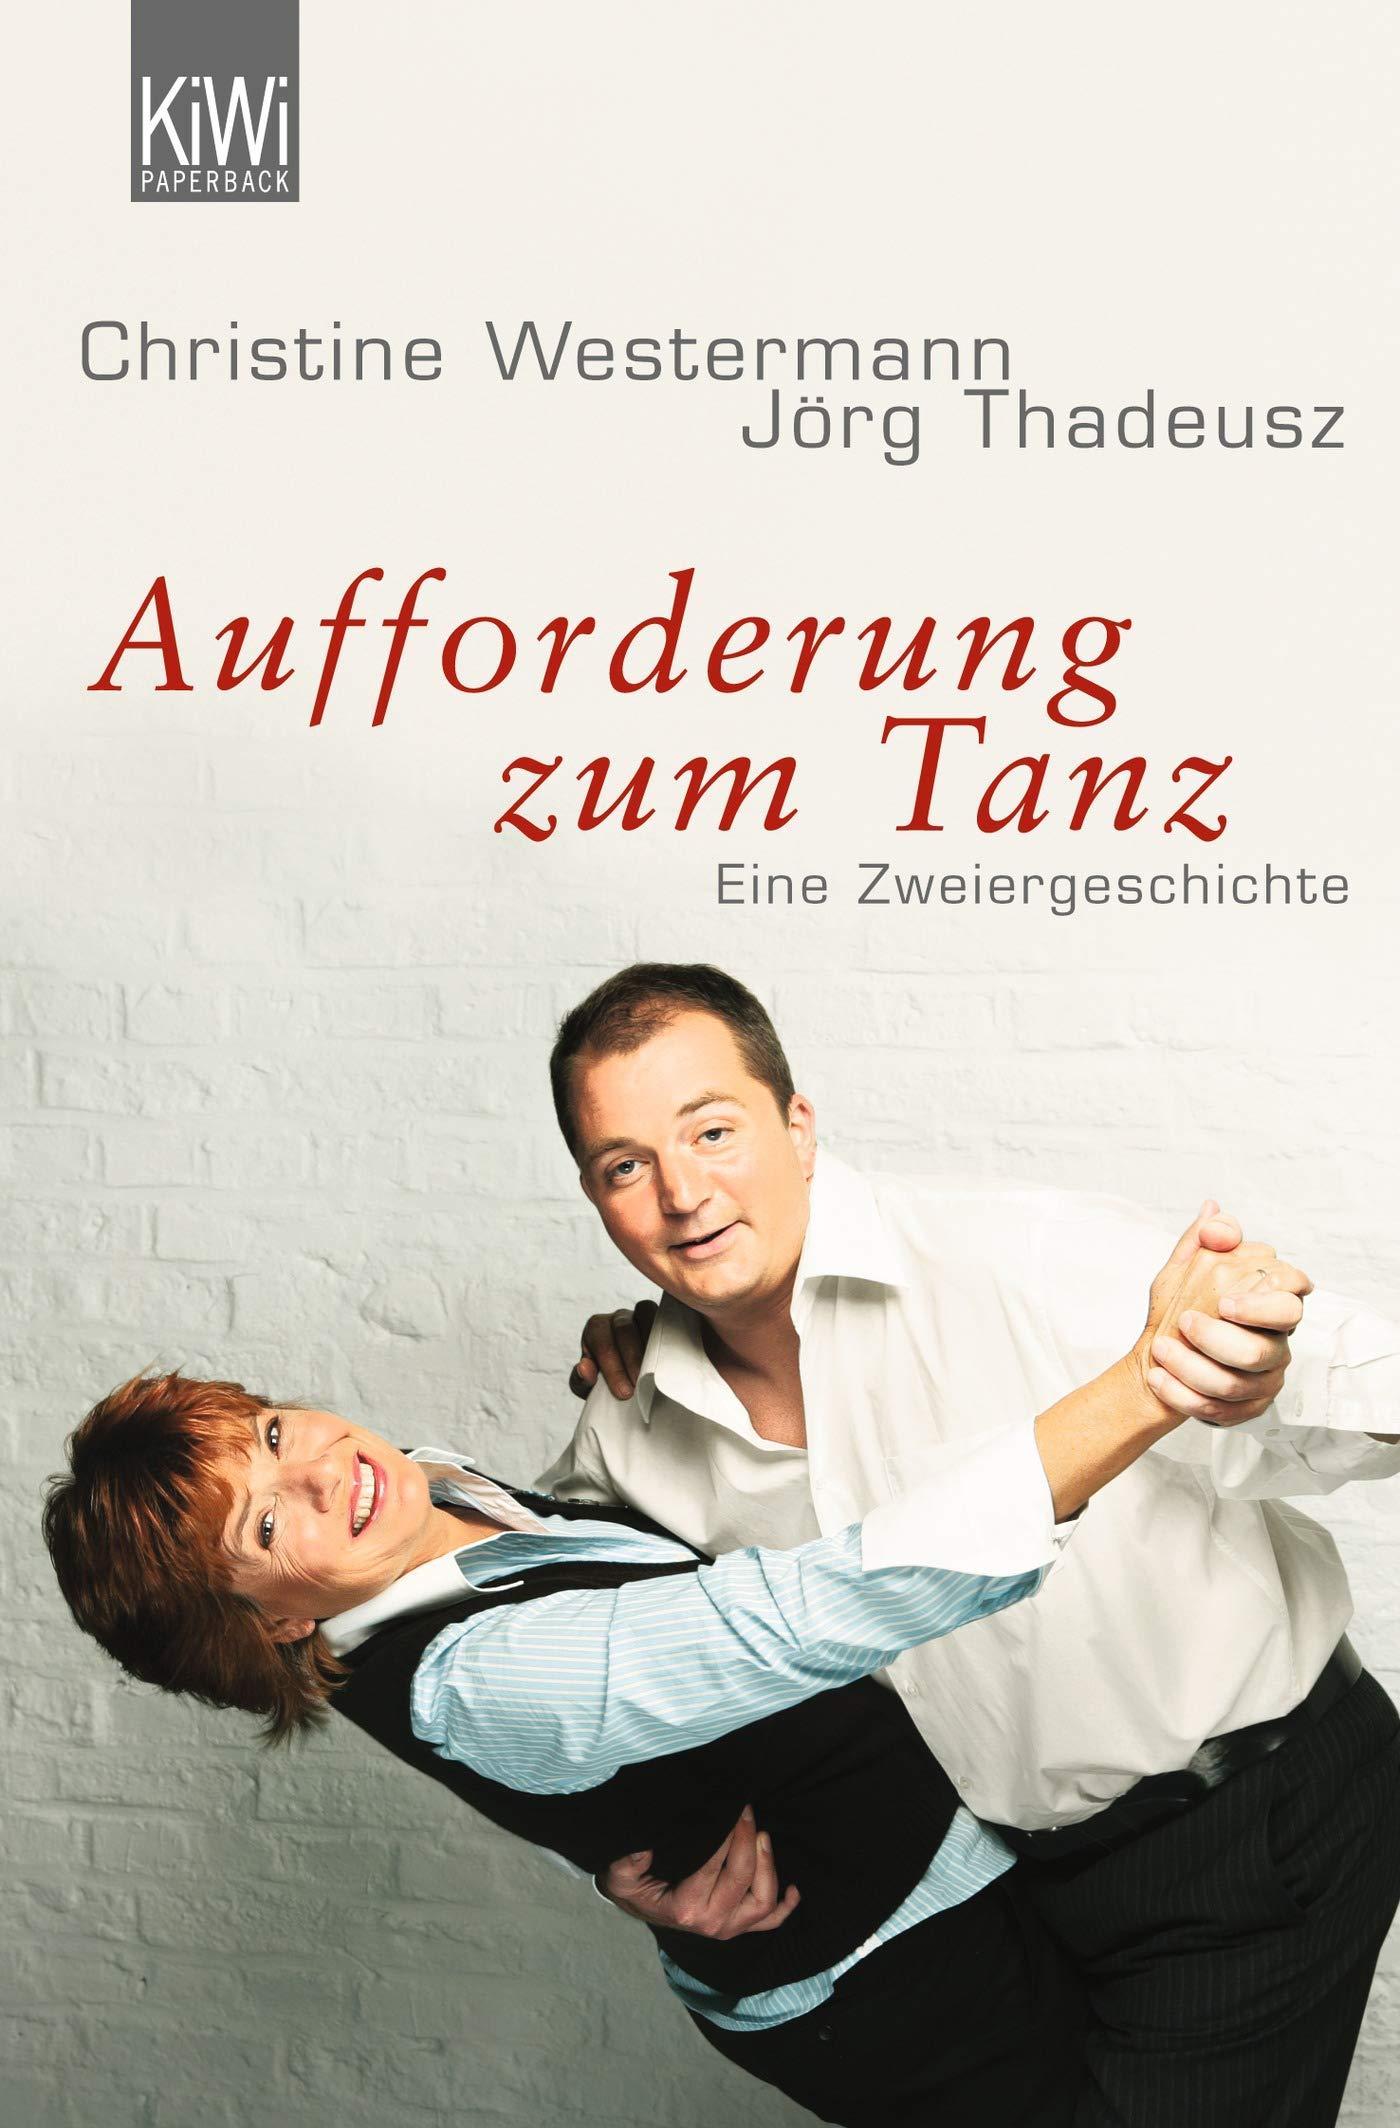 Aufforderung zum Tanz: Eine Zweiergeschichte Taschenbuch – 16. September 2008 Christine Westermann Jörg Thadeusz KiWi-Taschenbuch 3462036777